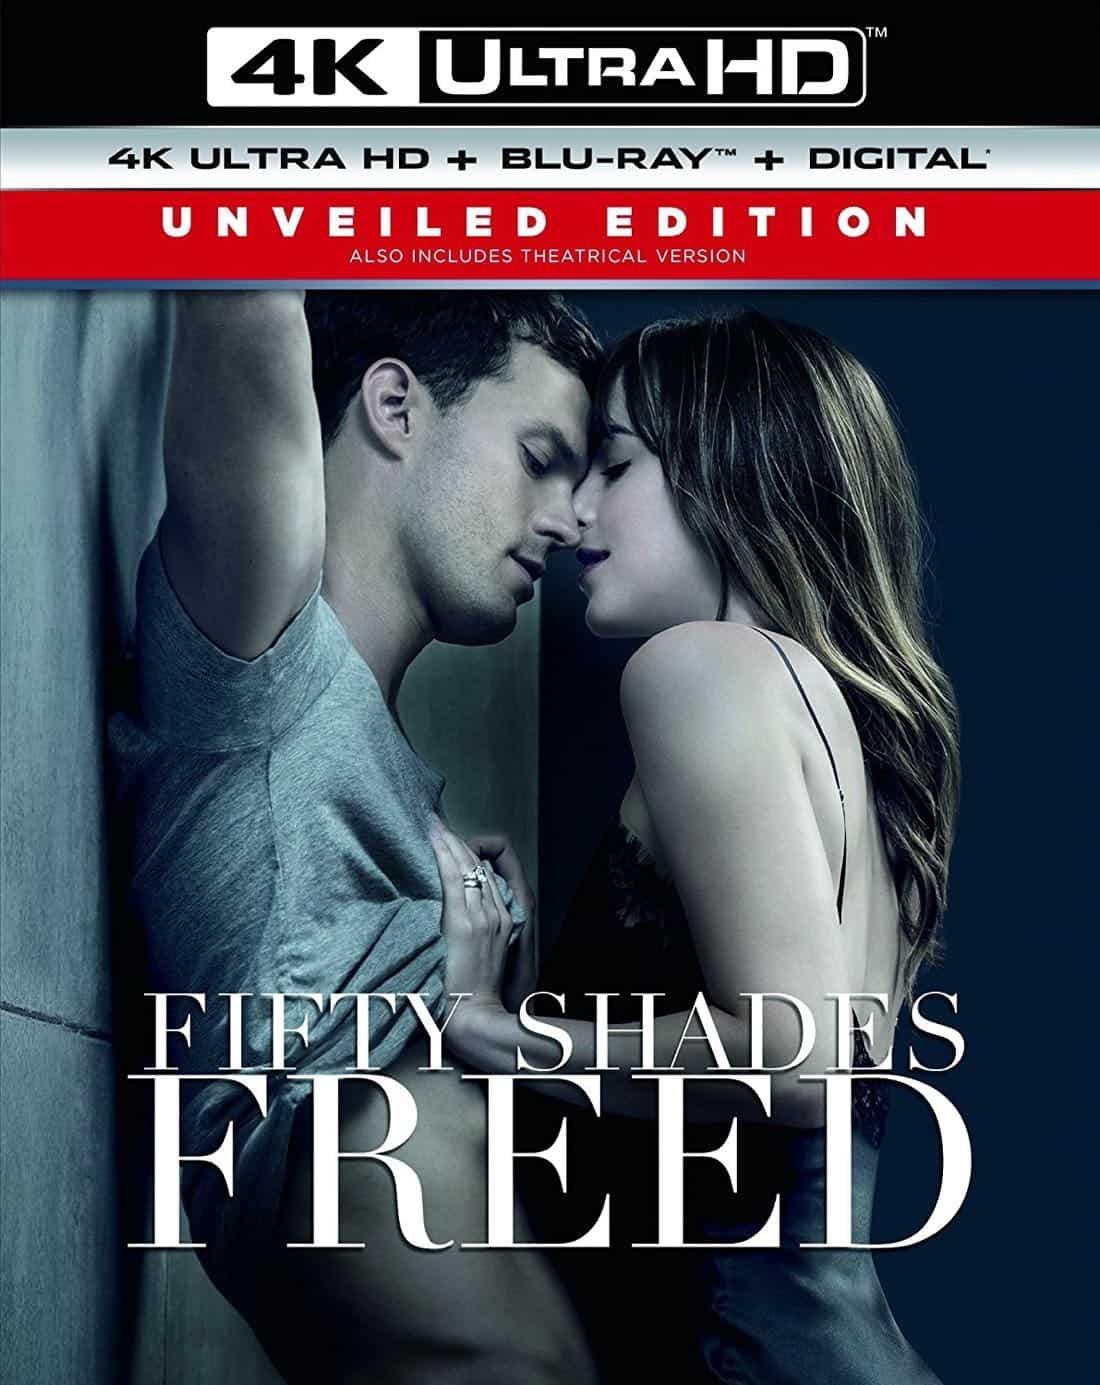 Fifty-Shades-Freed-4K-Bluray